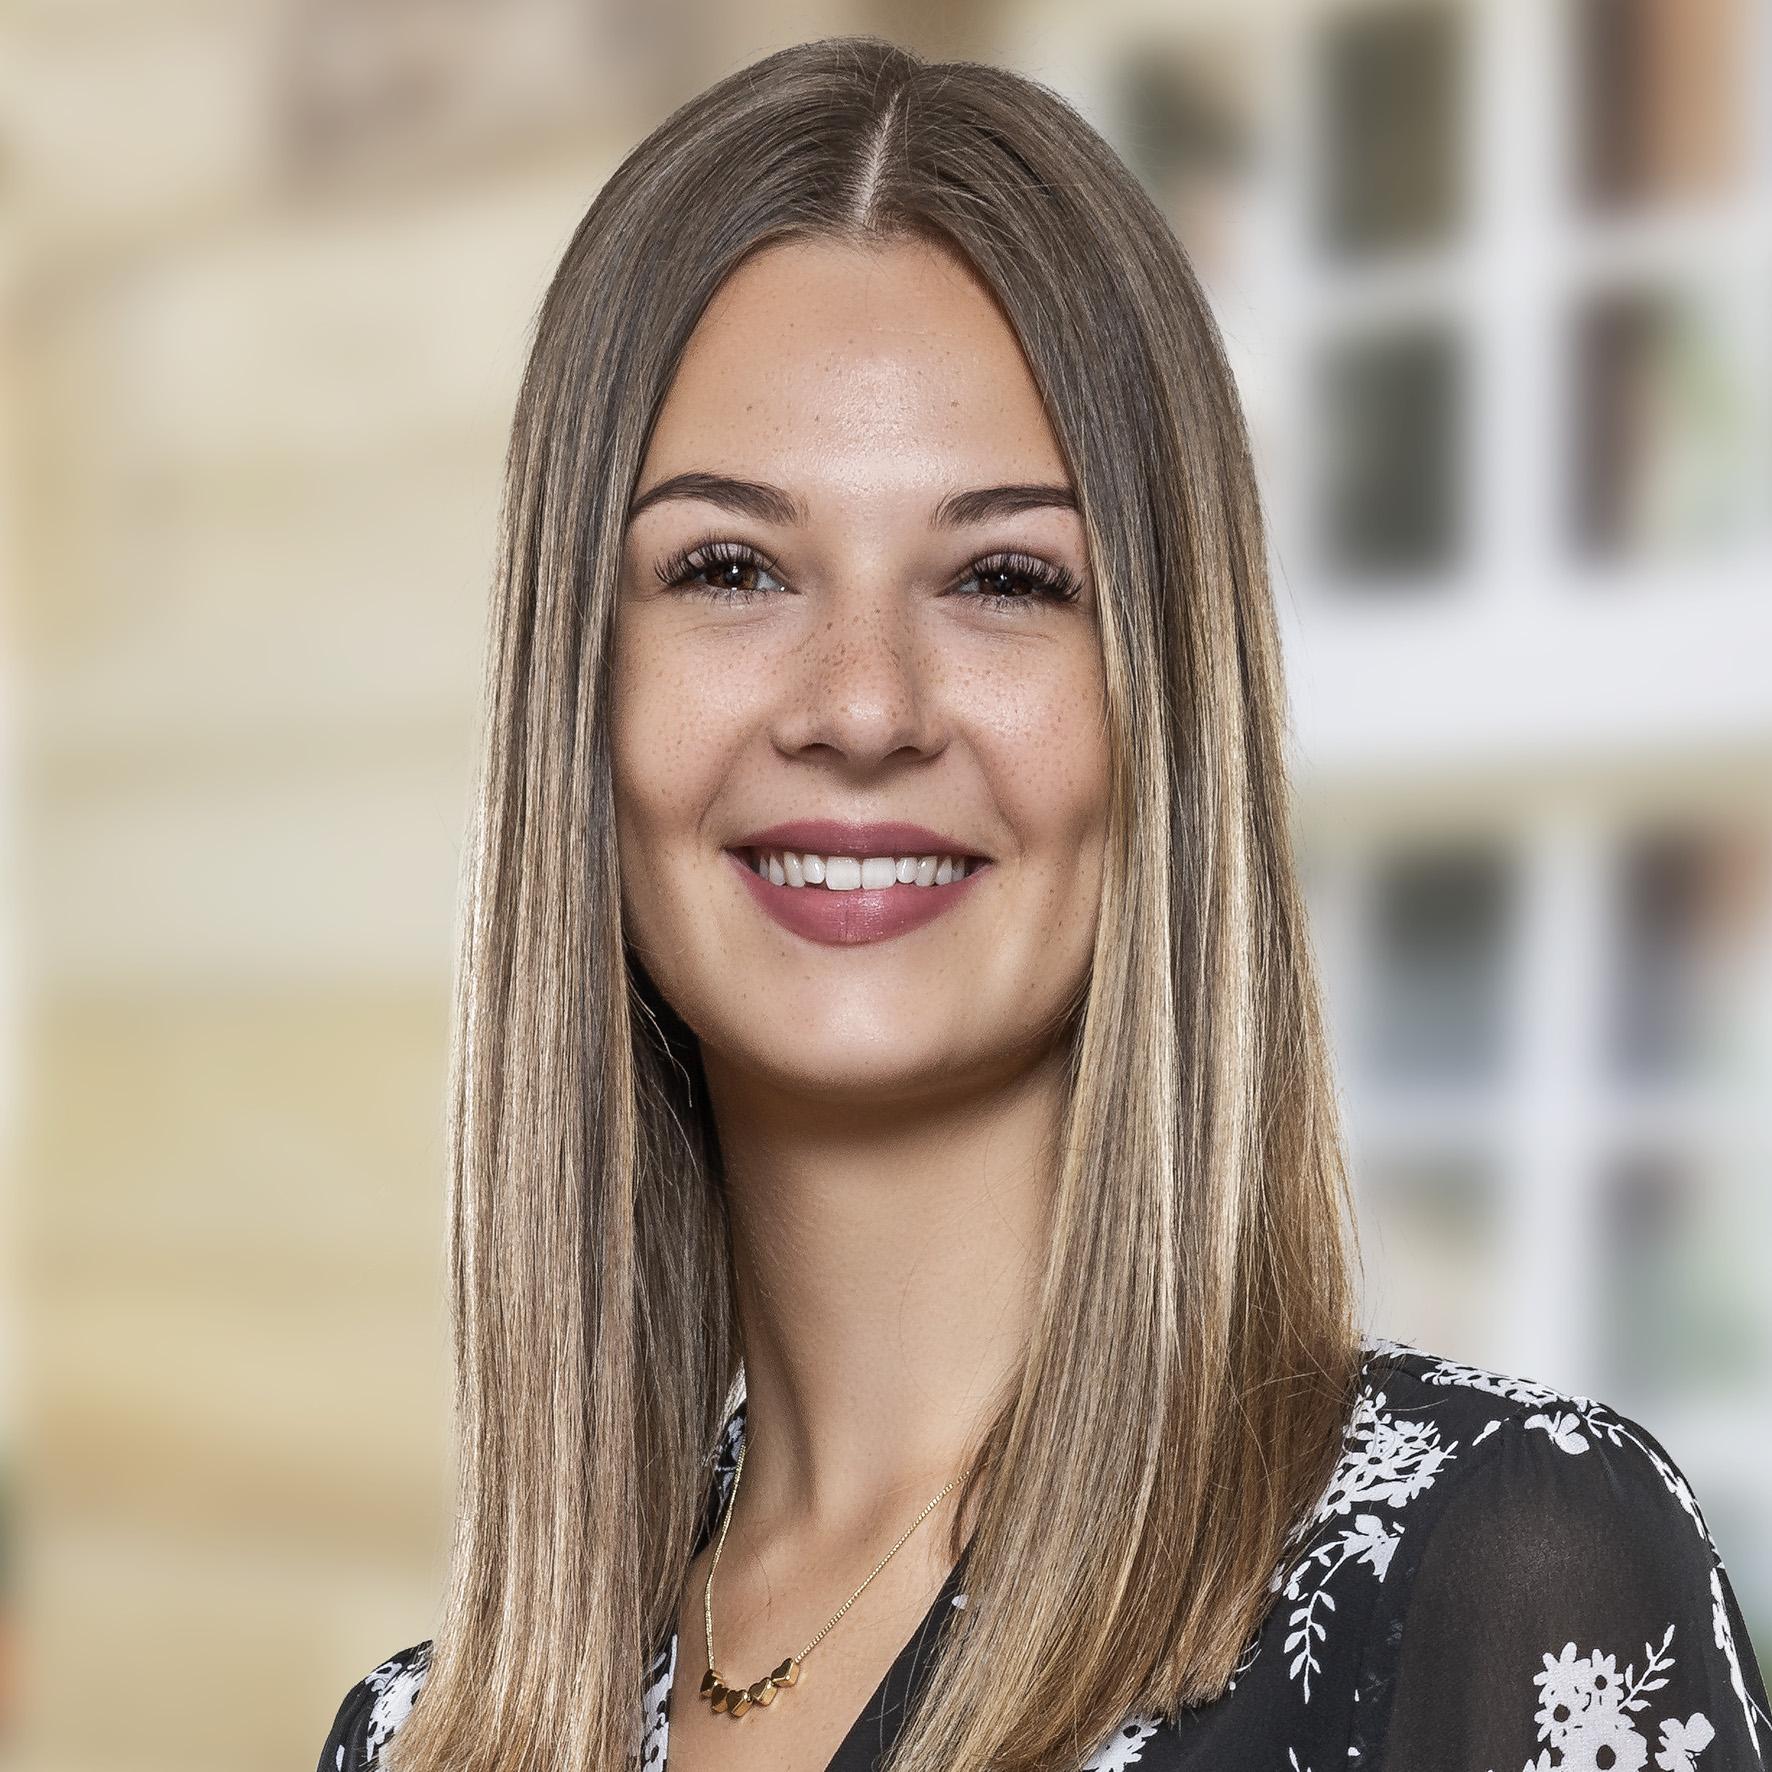 Laura Rentschler